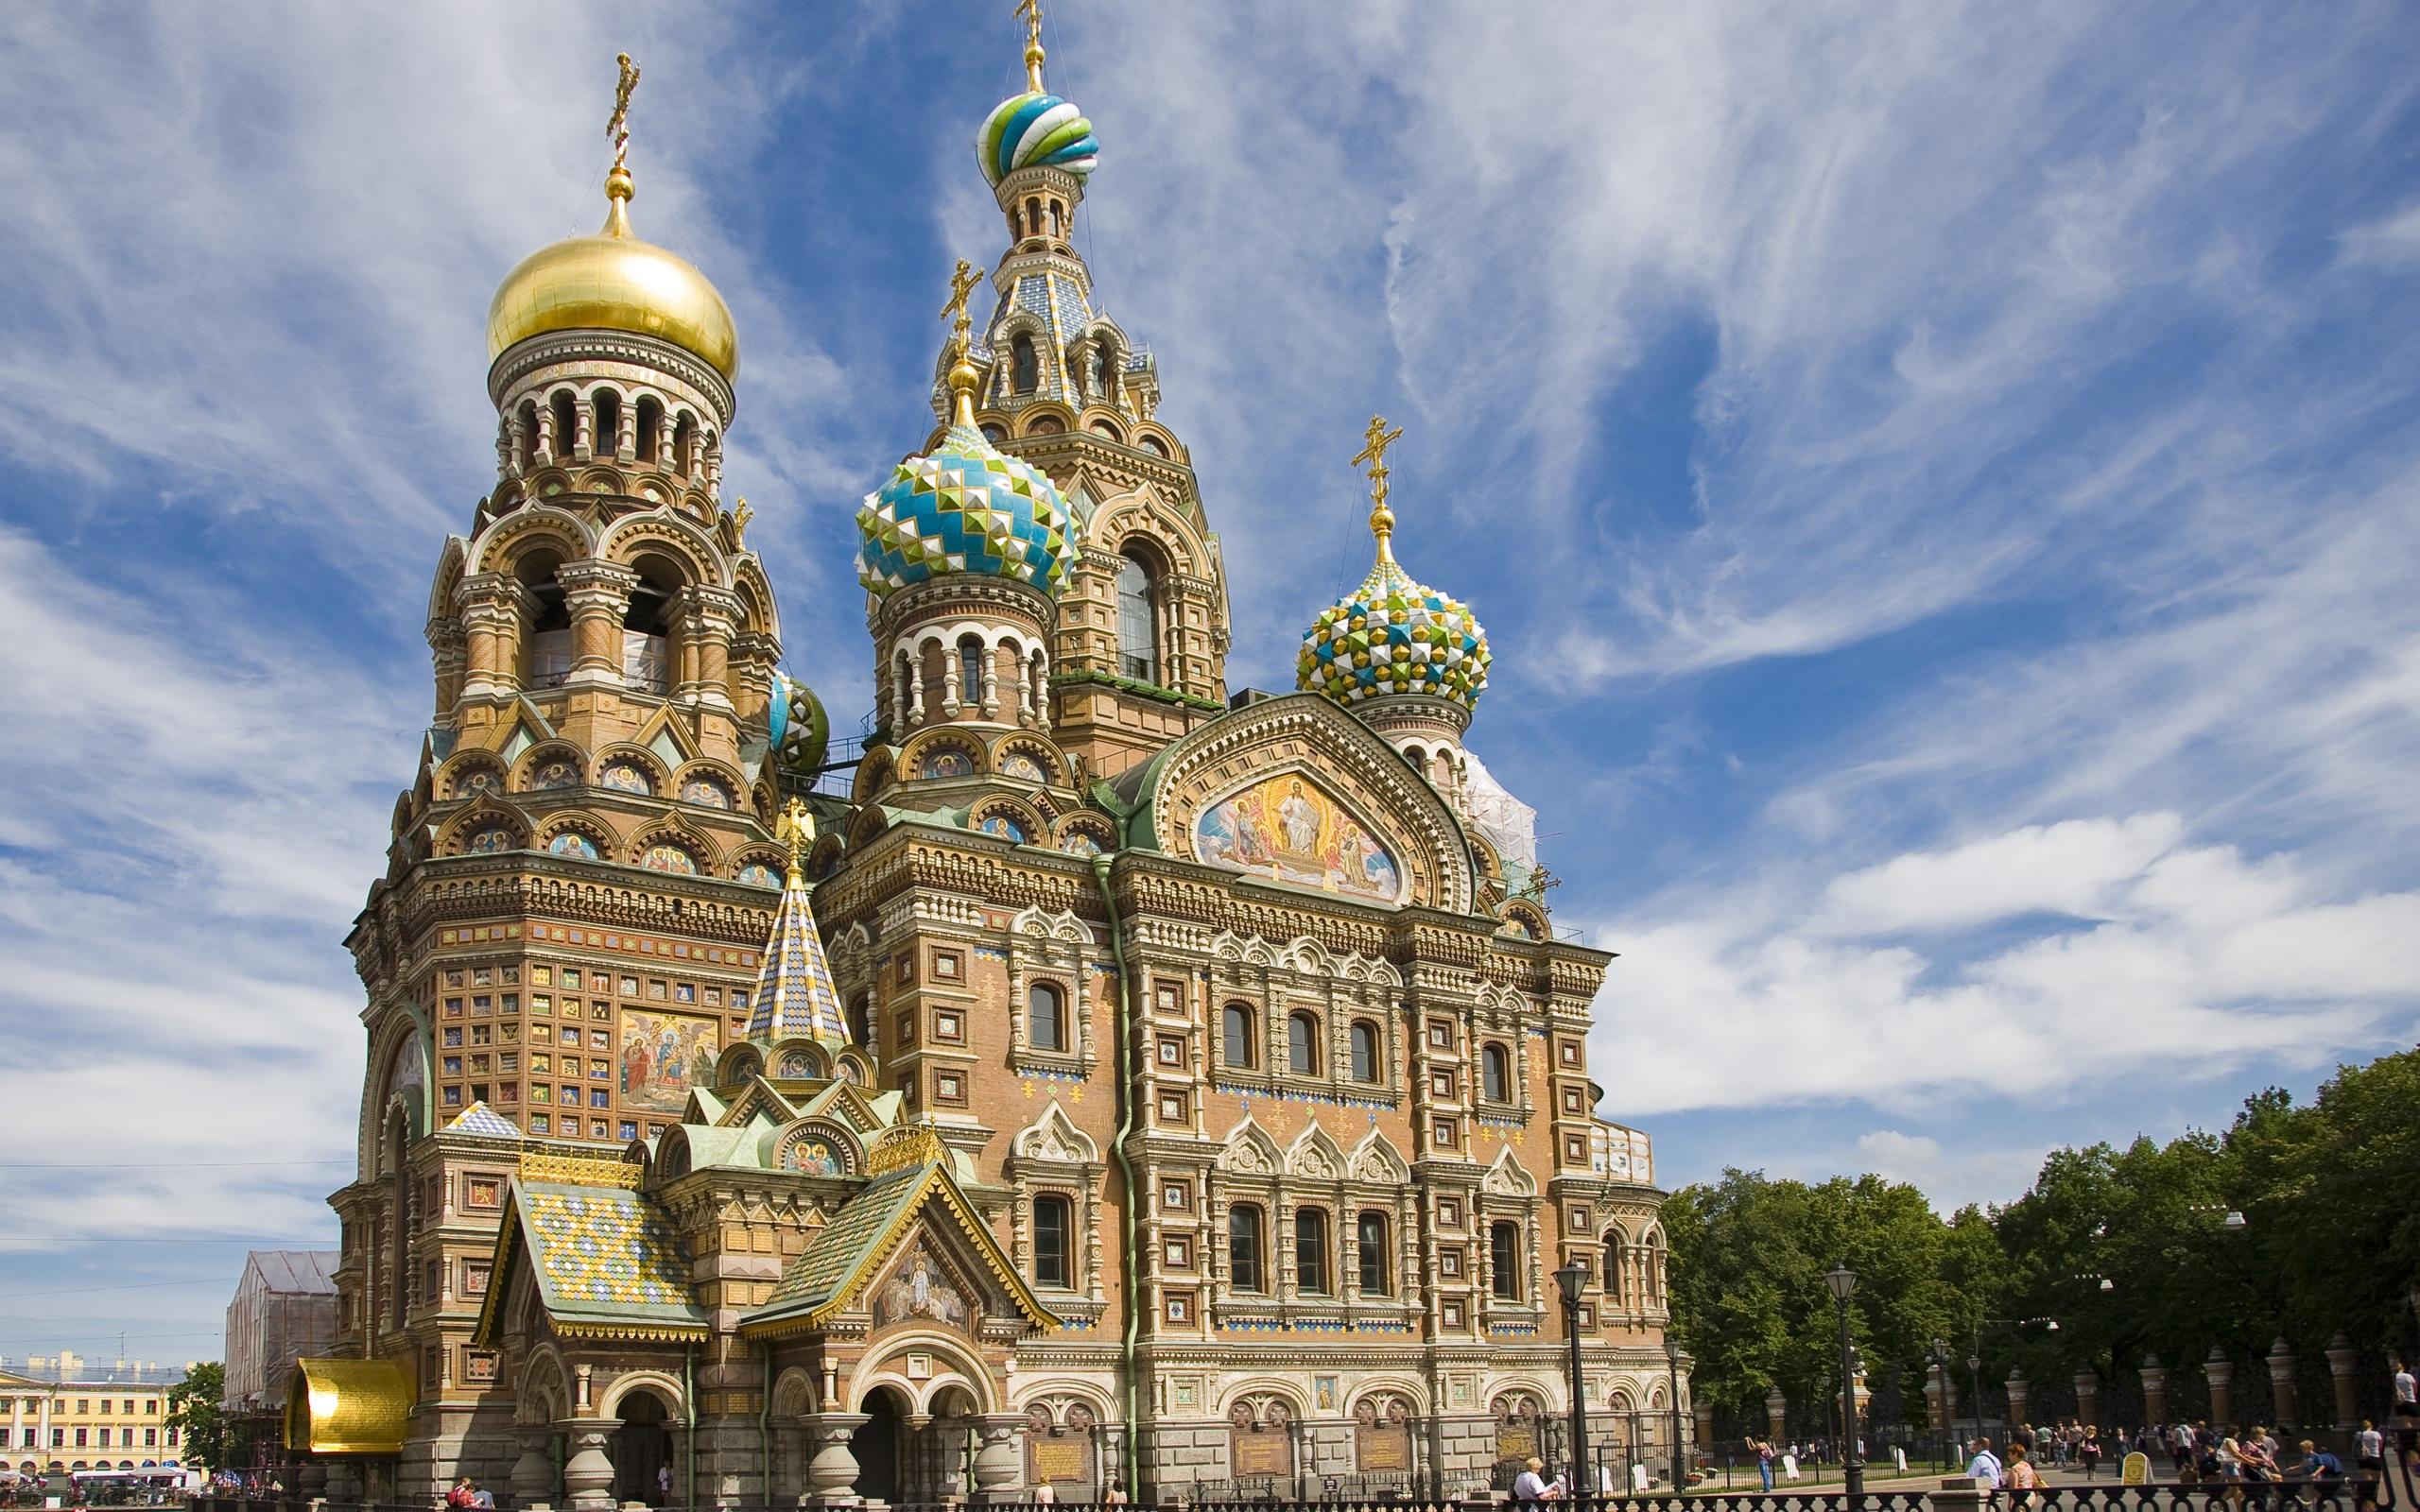 обои на телефон достопримечательности петербурга всего мира